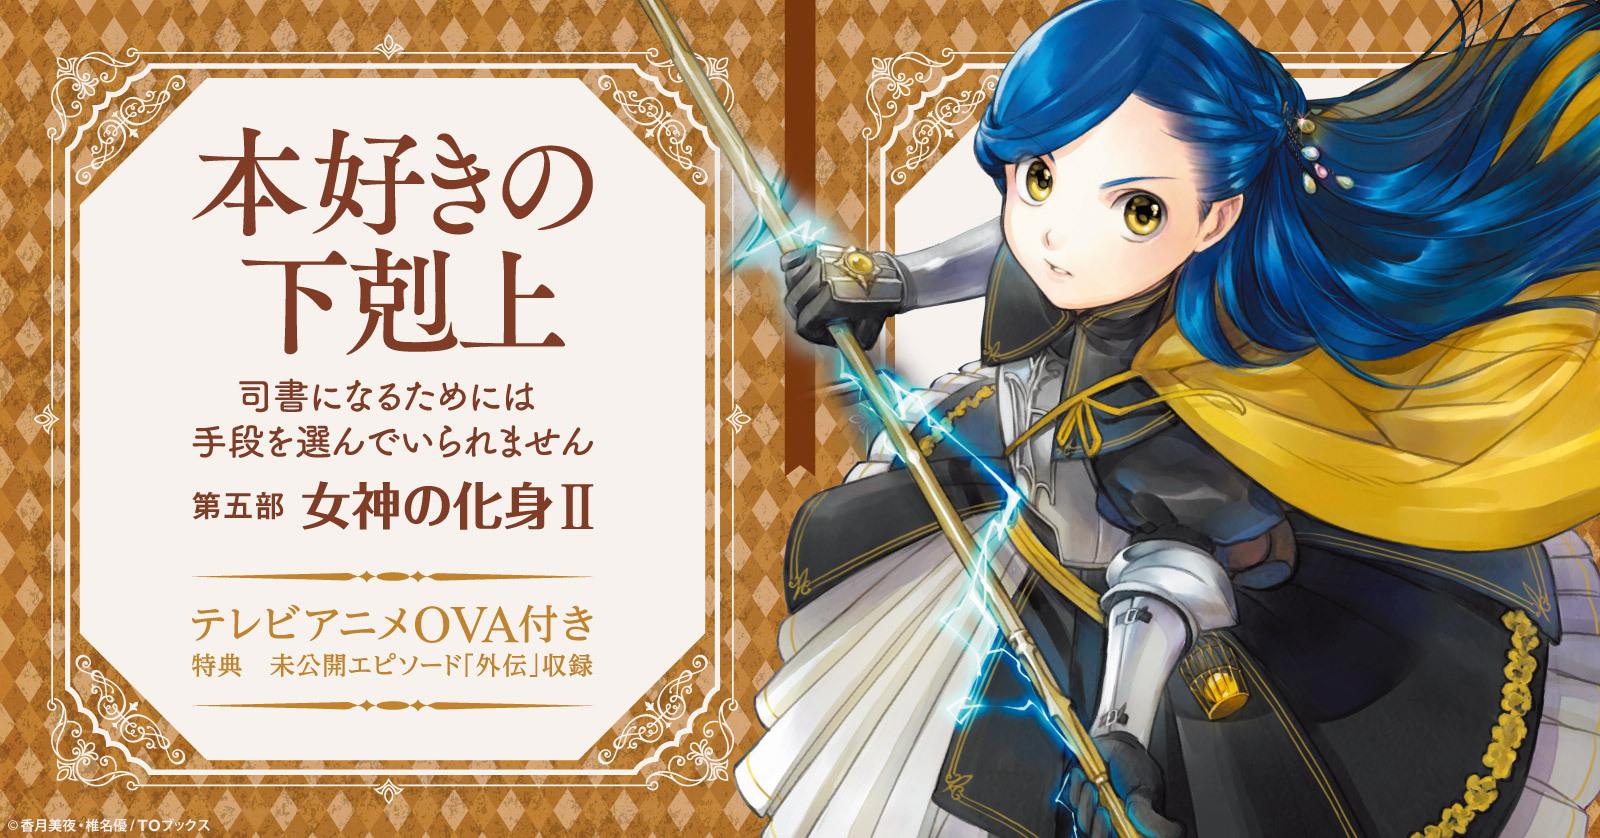 『本好きの下剋上第五部「女神の化身2」』テレビ未公開OVA付き新刊